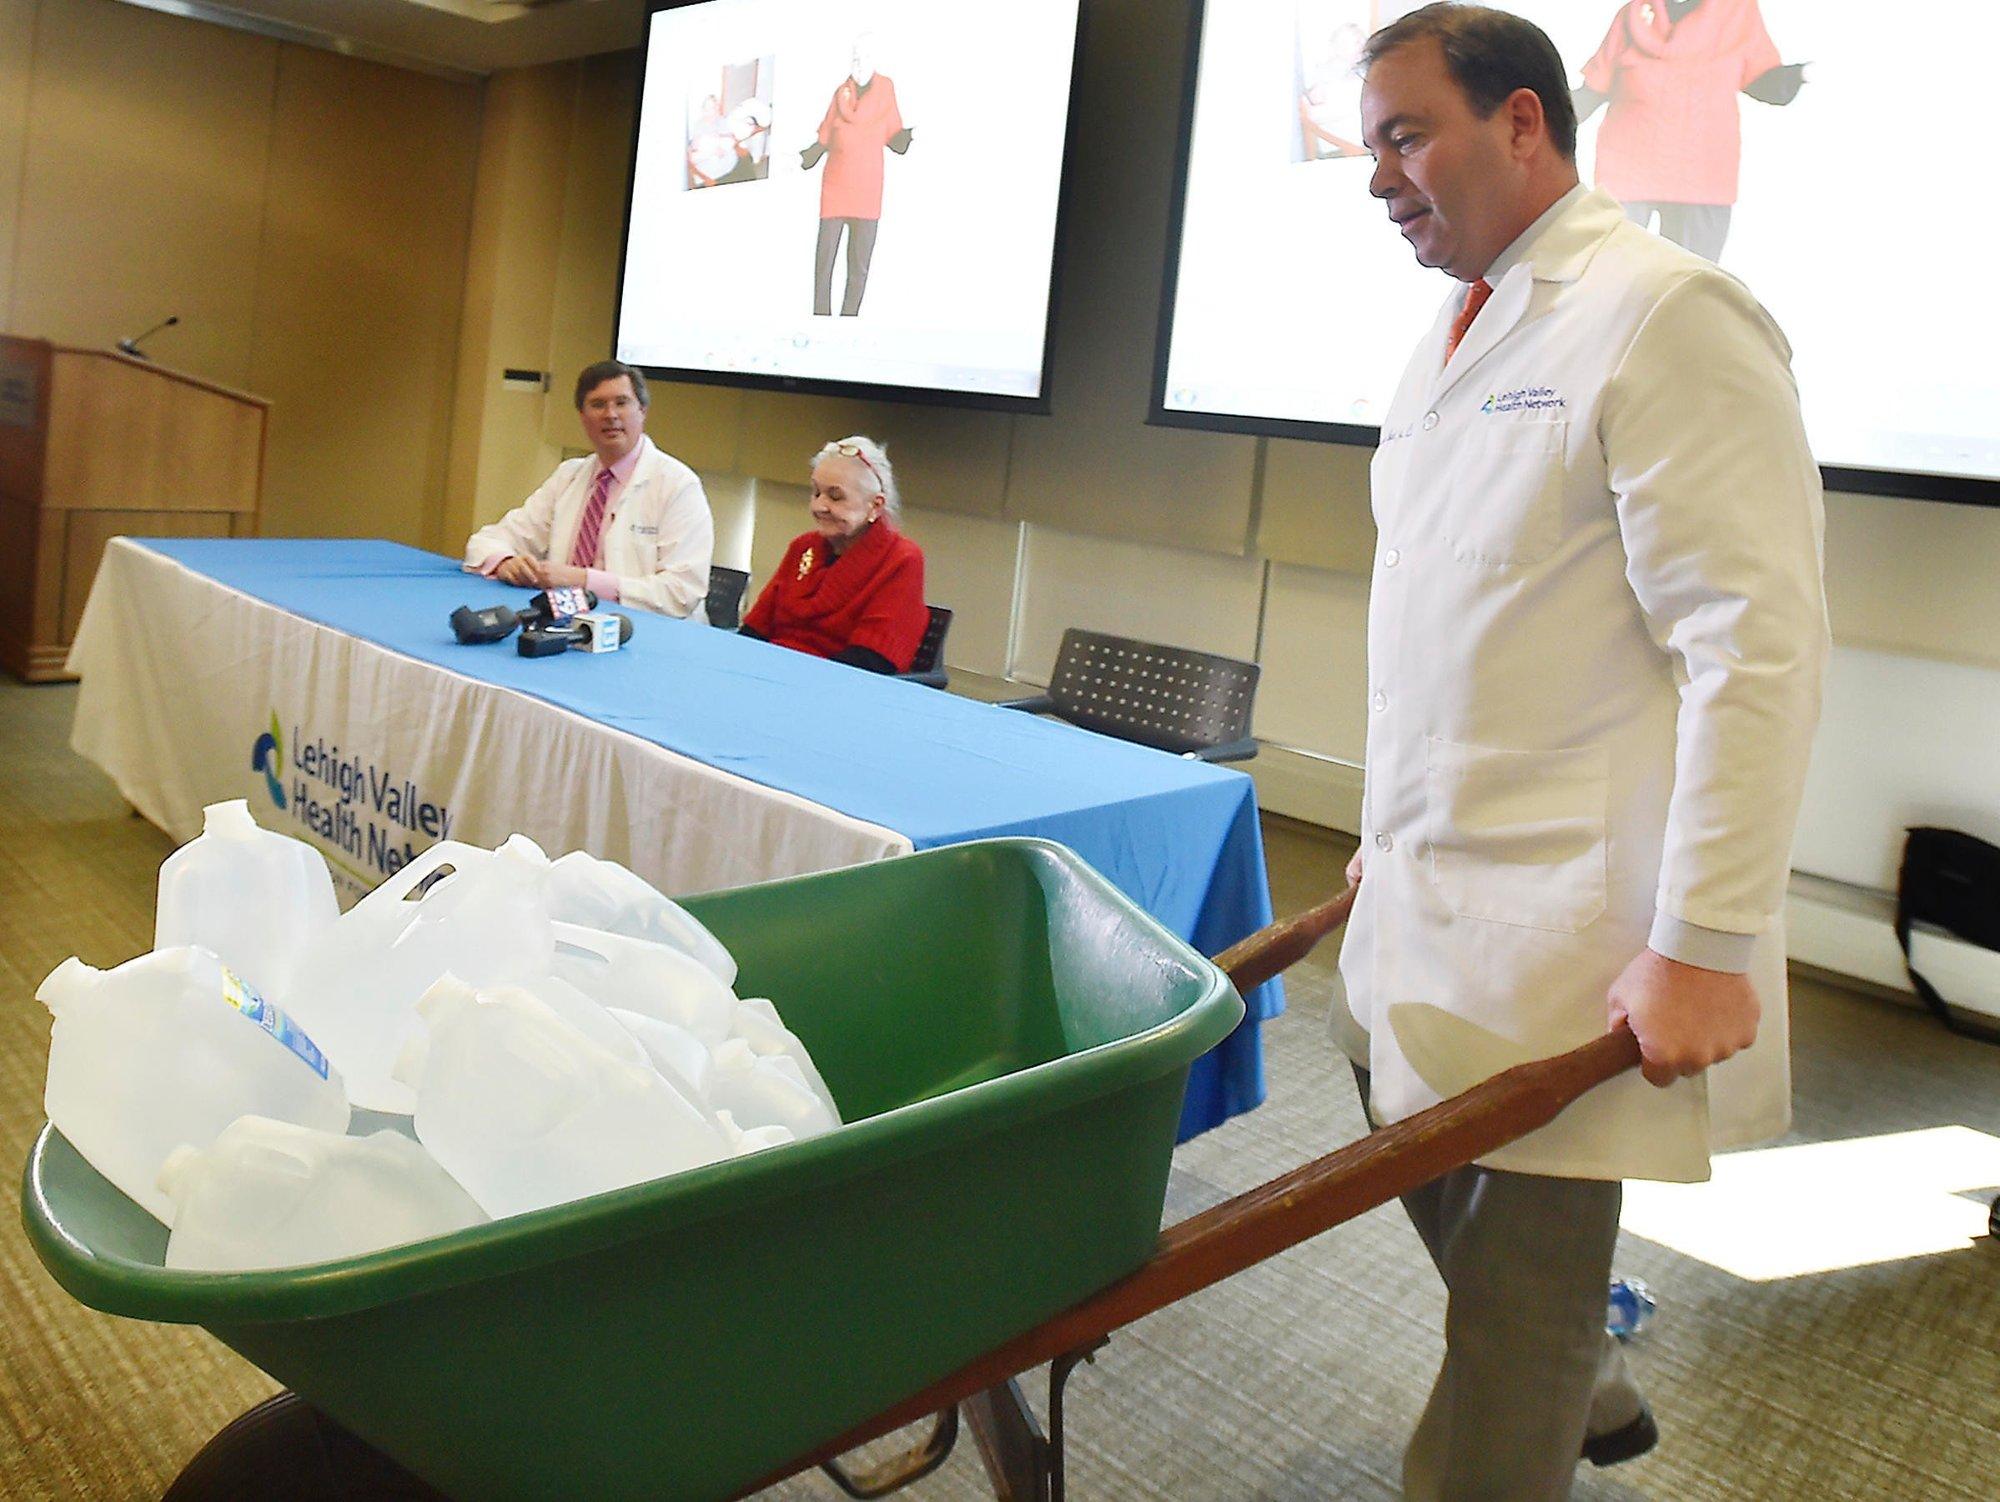 c2eea92c SÅ SVÆR: Doktor Randolph Wojcik Jr. viser fram vanntanker for å illustrere  volumet av svulsten som er operert ut Mary Clancey (71), som sitter i  bakgrunnen ...